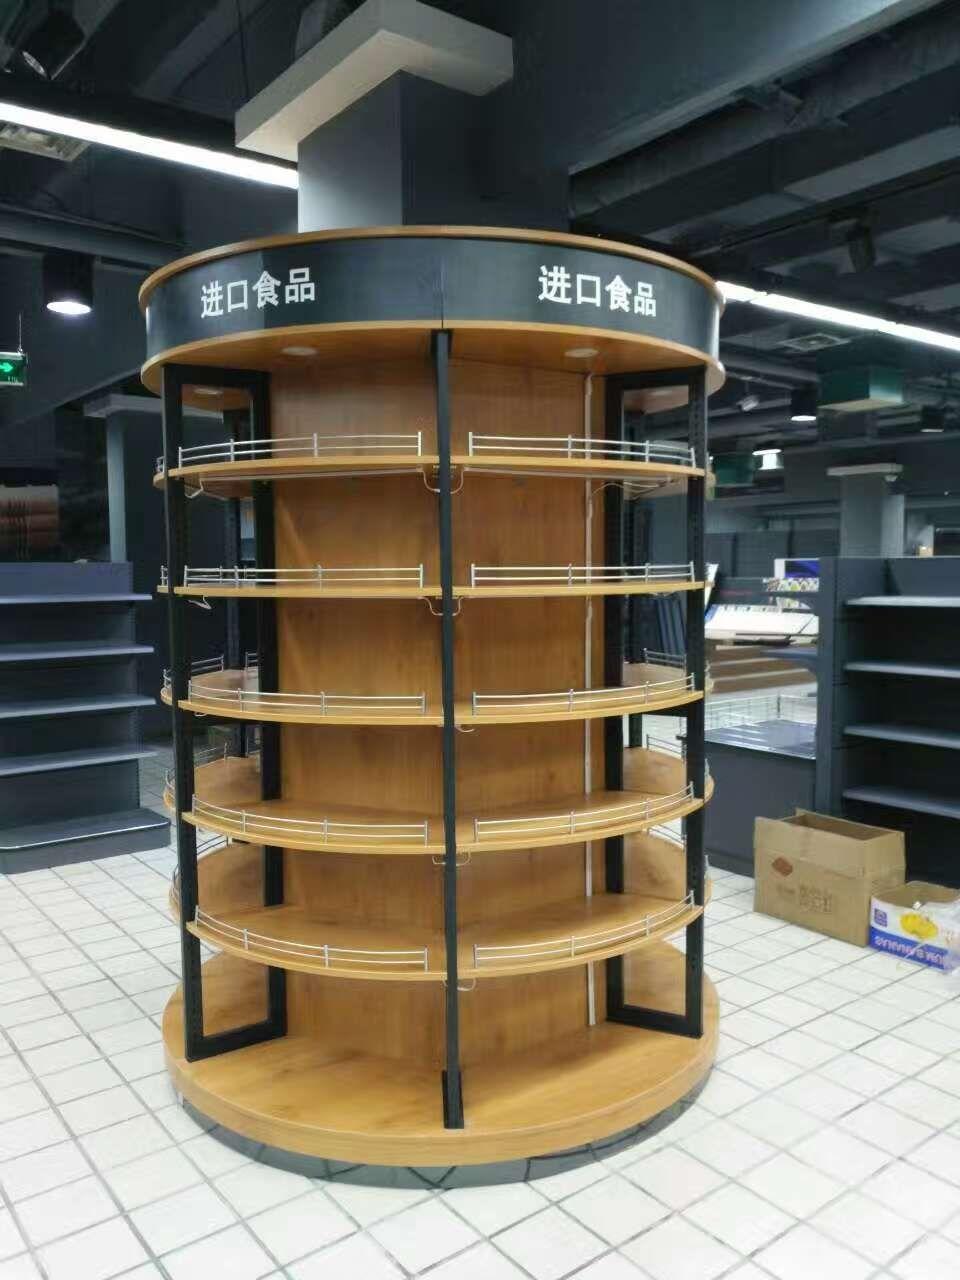 呼和浩特超市货架哪里买 呼和浩特超市货架厂商